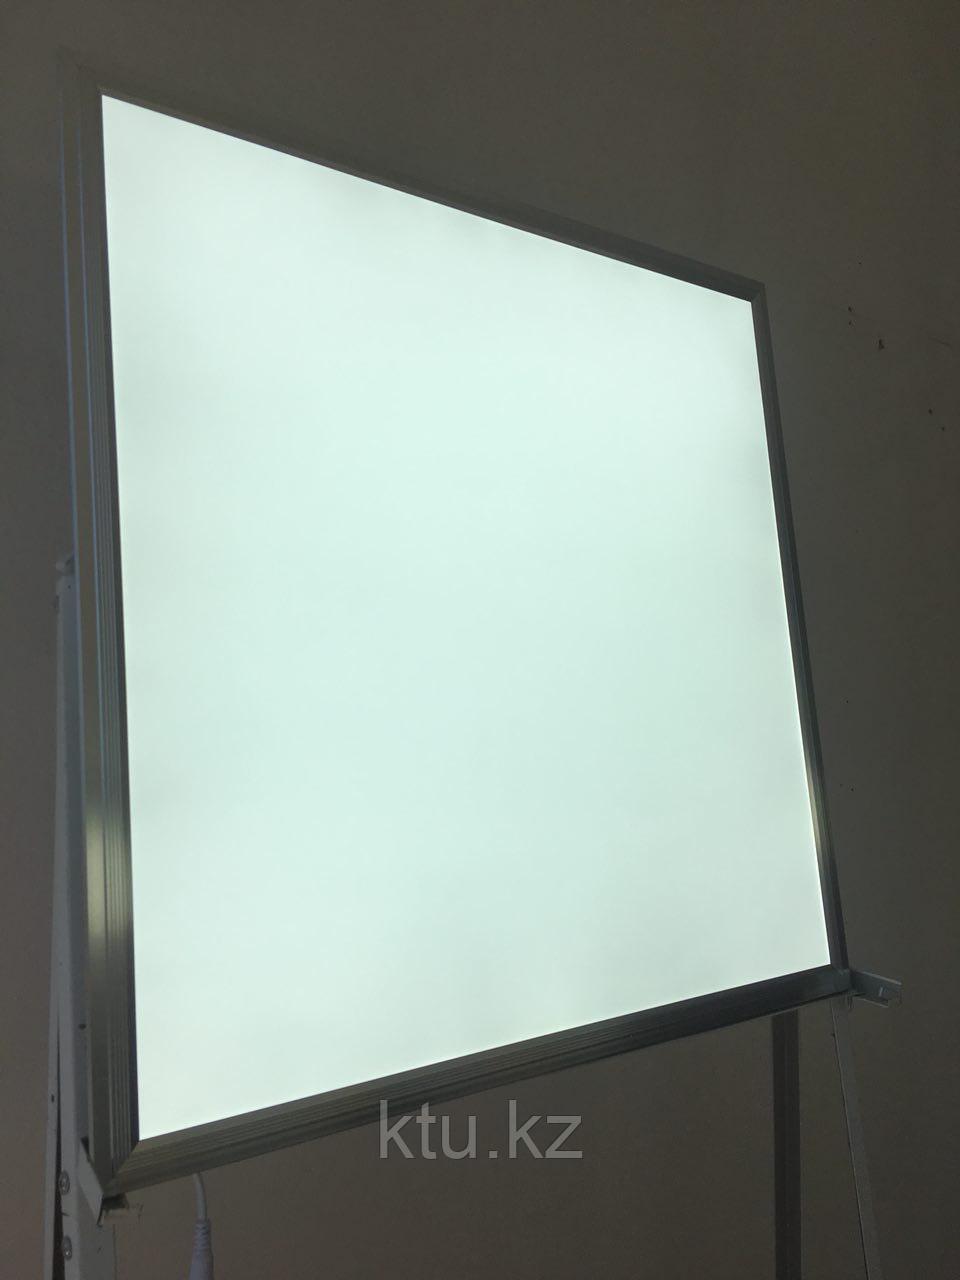 Светодиодный светильник 80W (факт. 70W) Китай